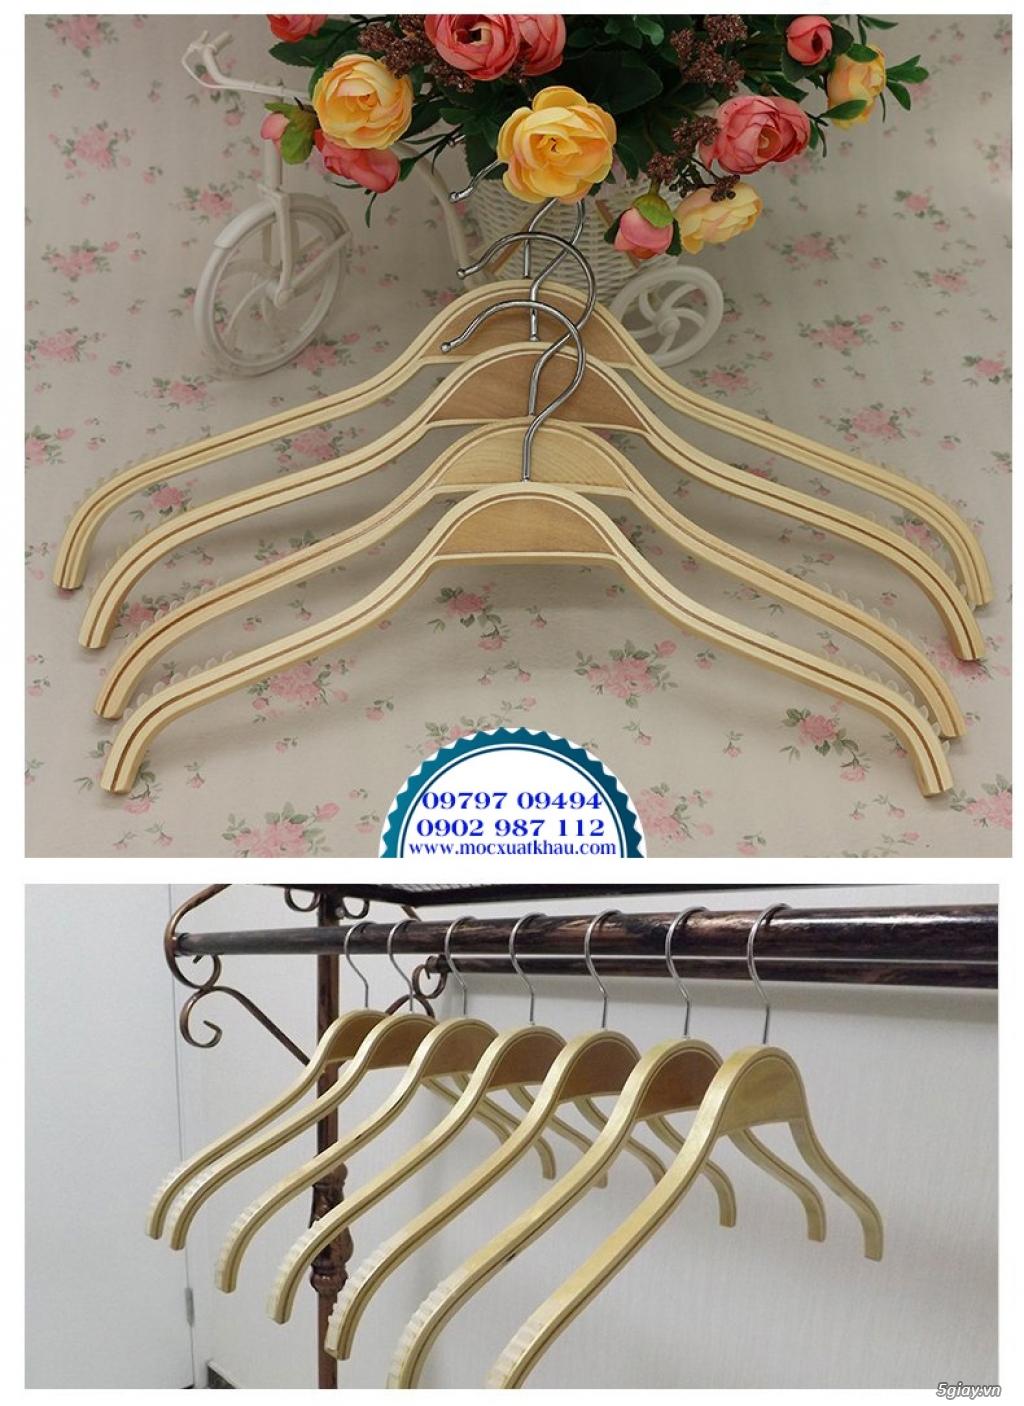 shop manocanh treo , móc áo nhung, inoc, gỗ, nhựa đủ loại dành cho shop & gia đình - 29